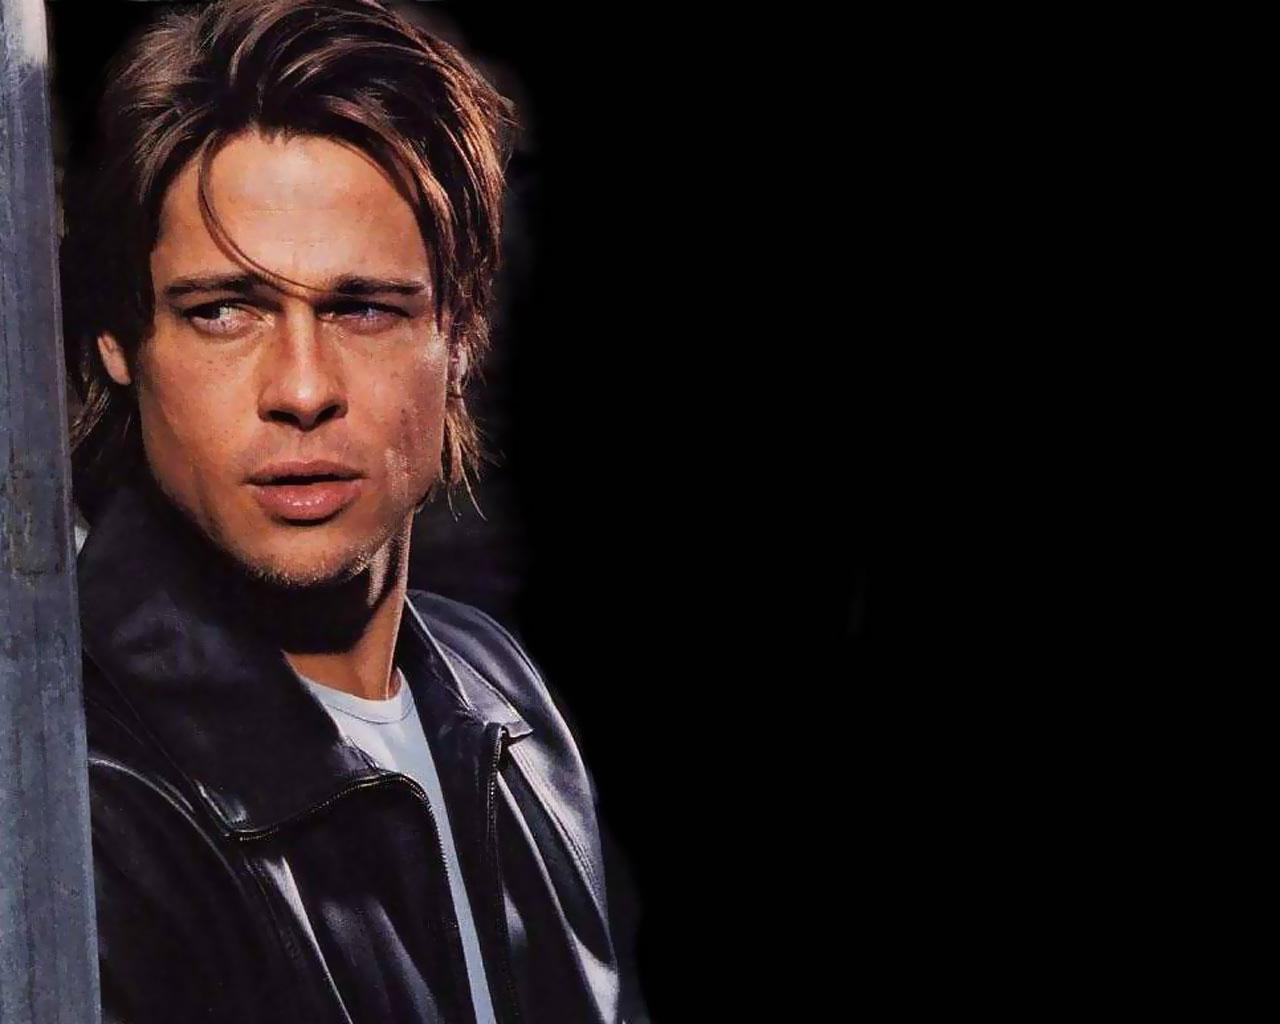 Brad Pitt wallpapers - Best HD Desktop Wallpaper - photo #37